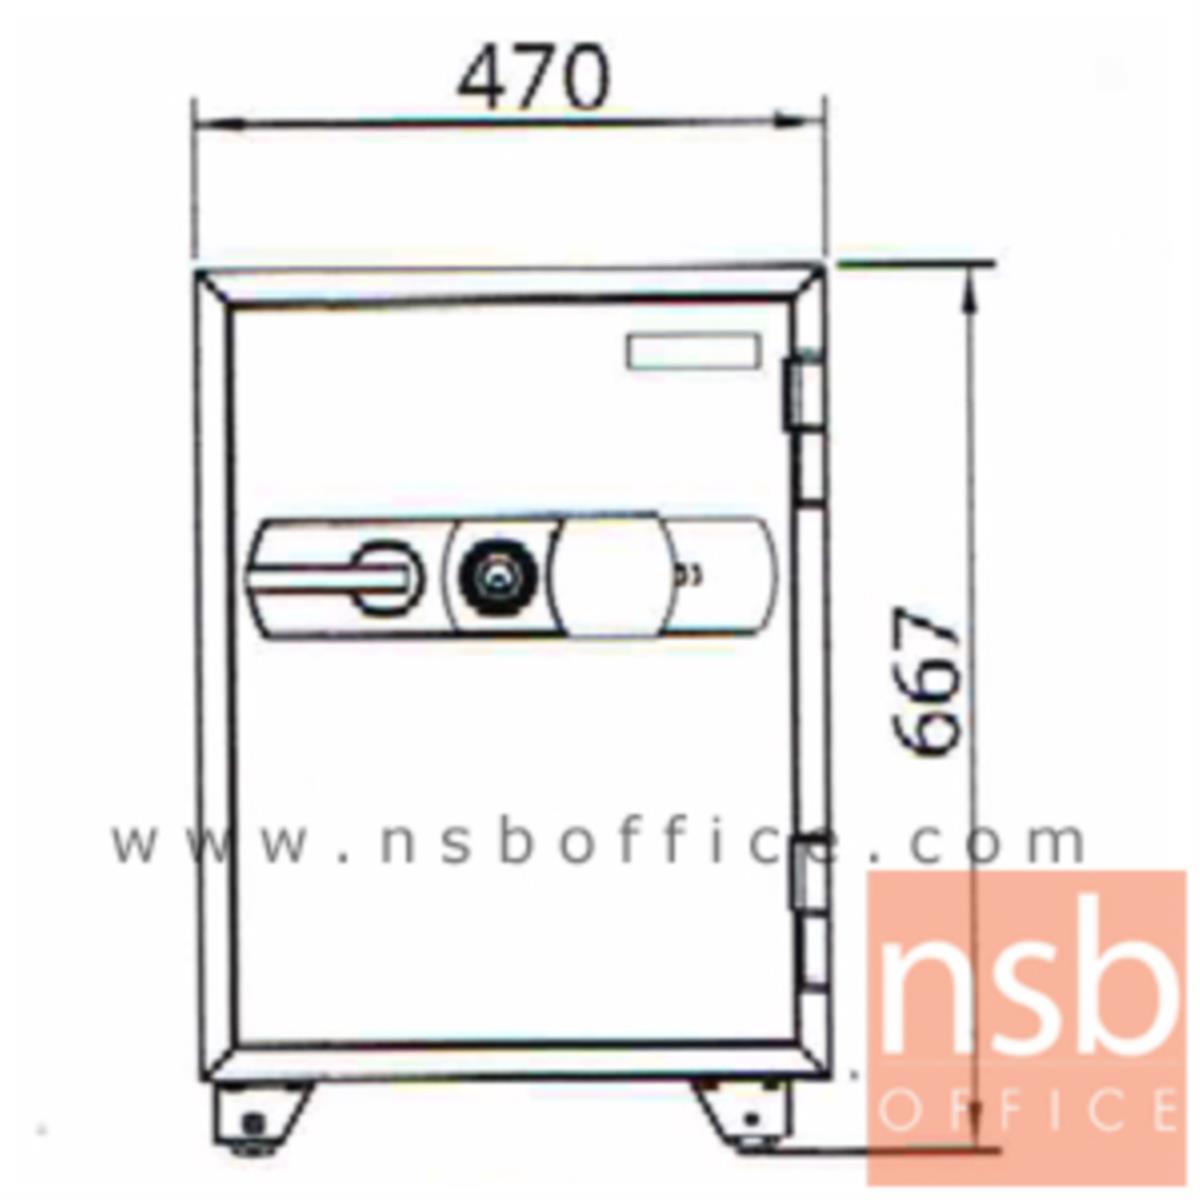 ตู้เซฟดิจิตอล 105 กก. รุ่น PRESIDENT-SMD  มี 1 กุญแจ 1 รหัส (รหัสกด digital)